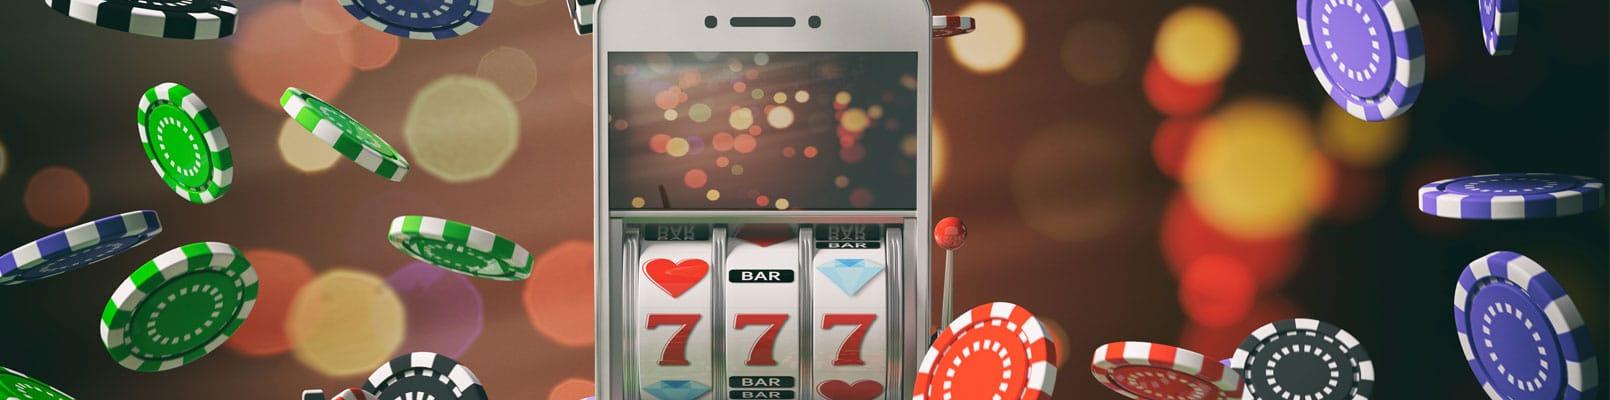 admiral casino întrebări frecvente ale jucătorilor